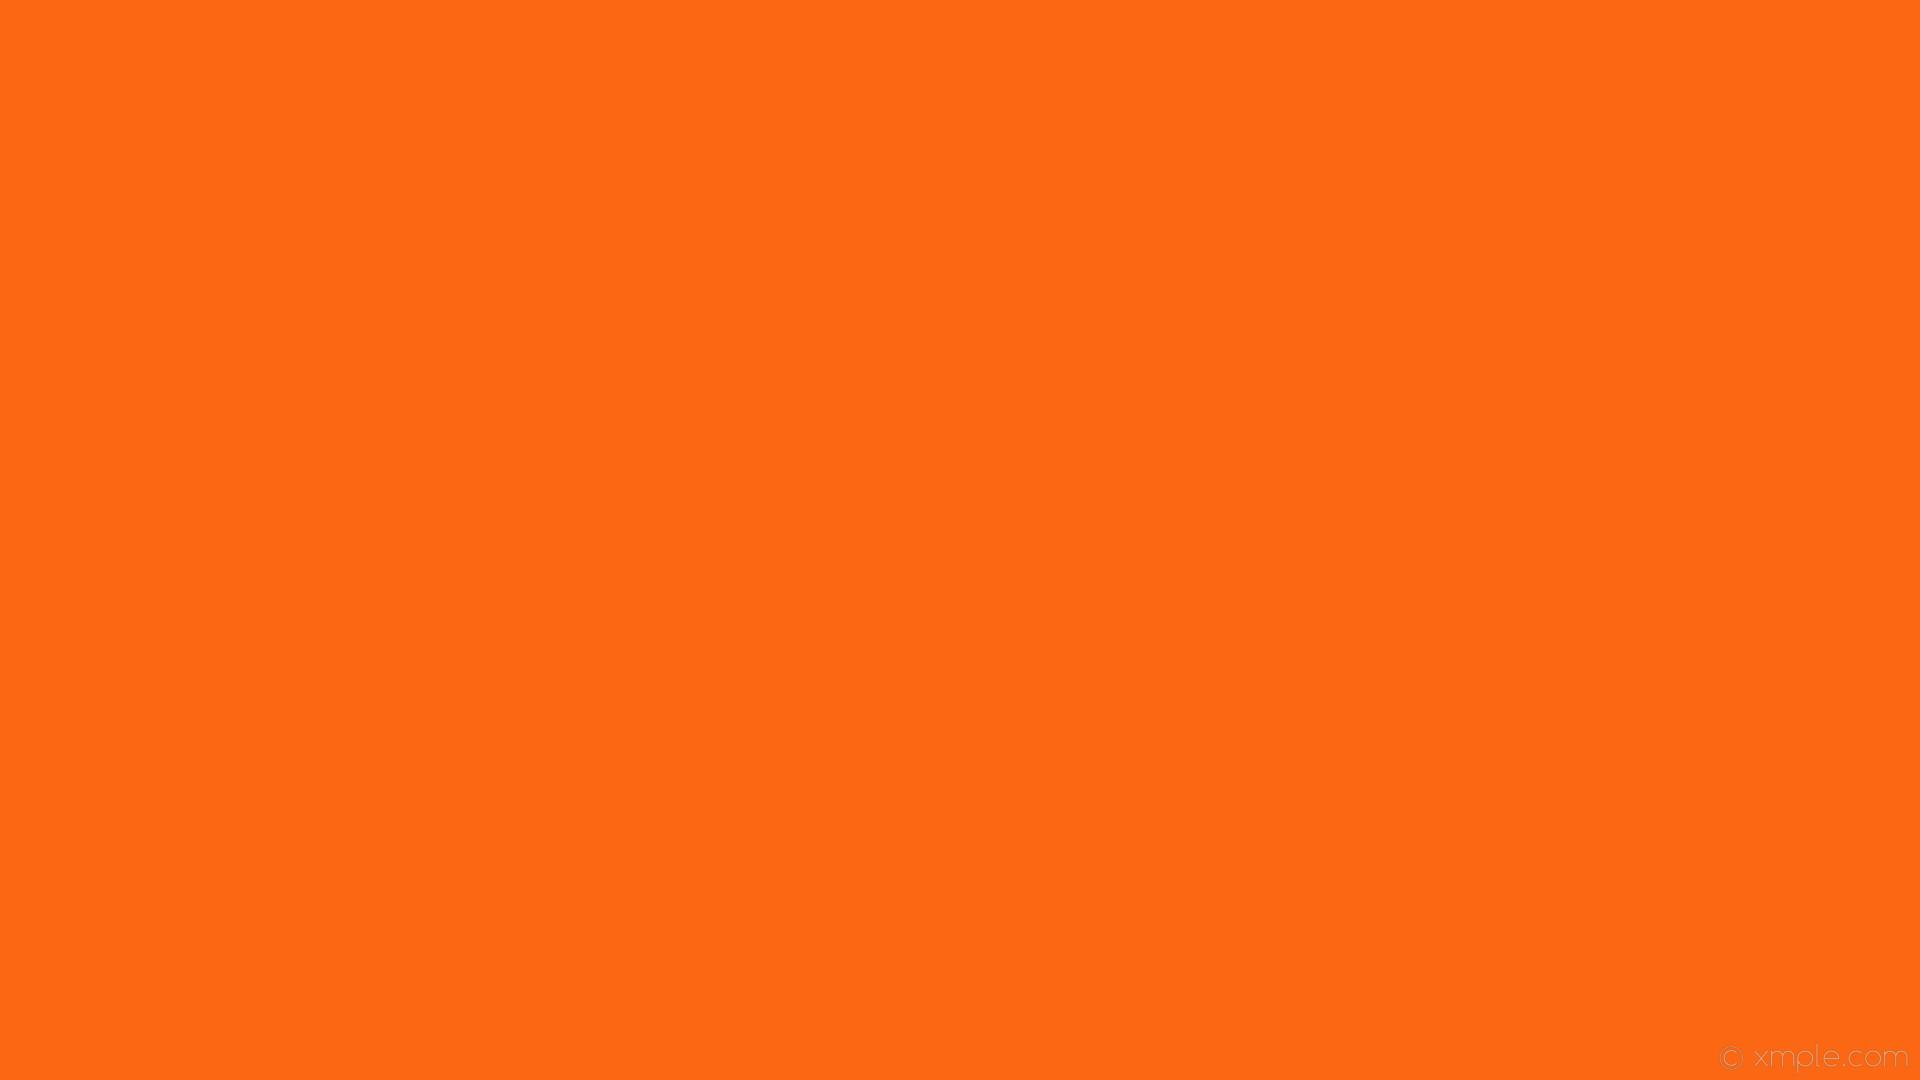 wallpaper one colour solid color single plain orange #fb6713